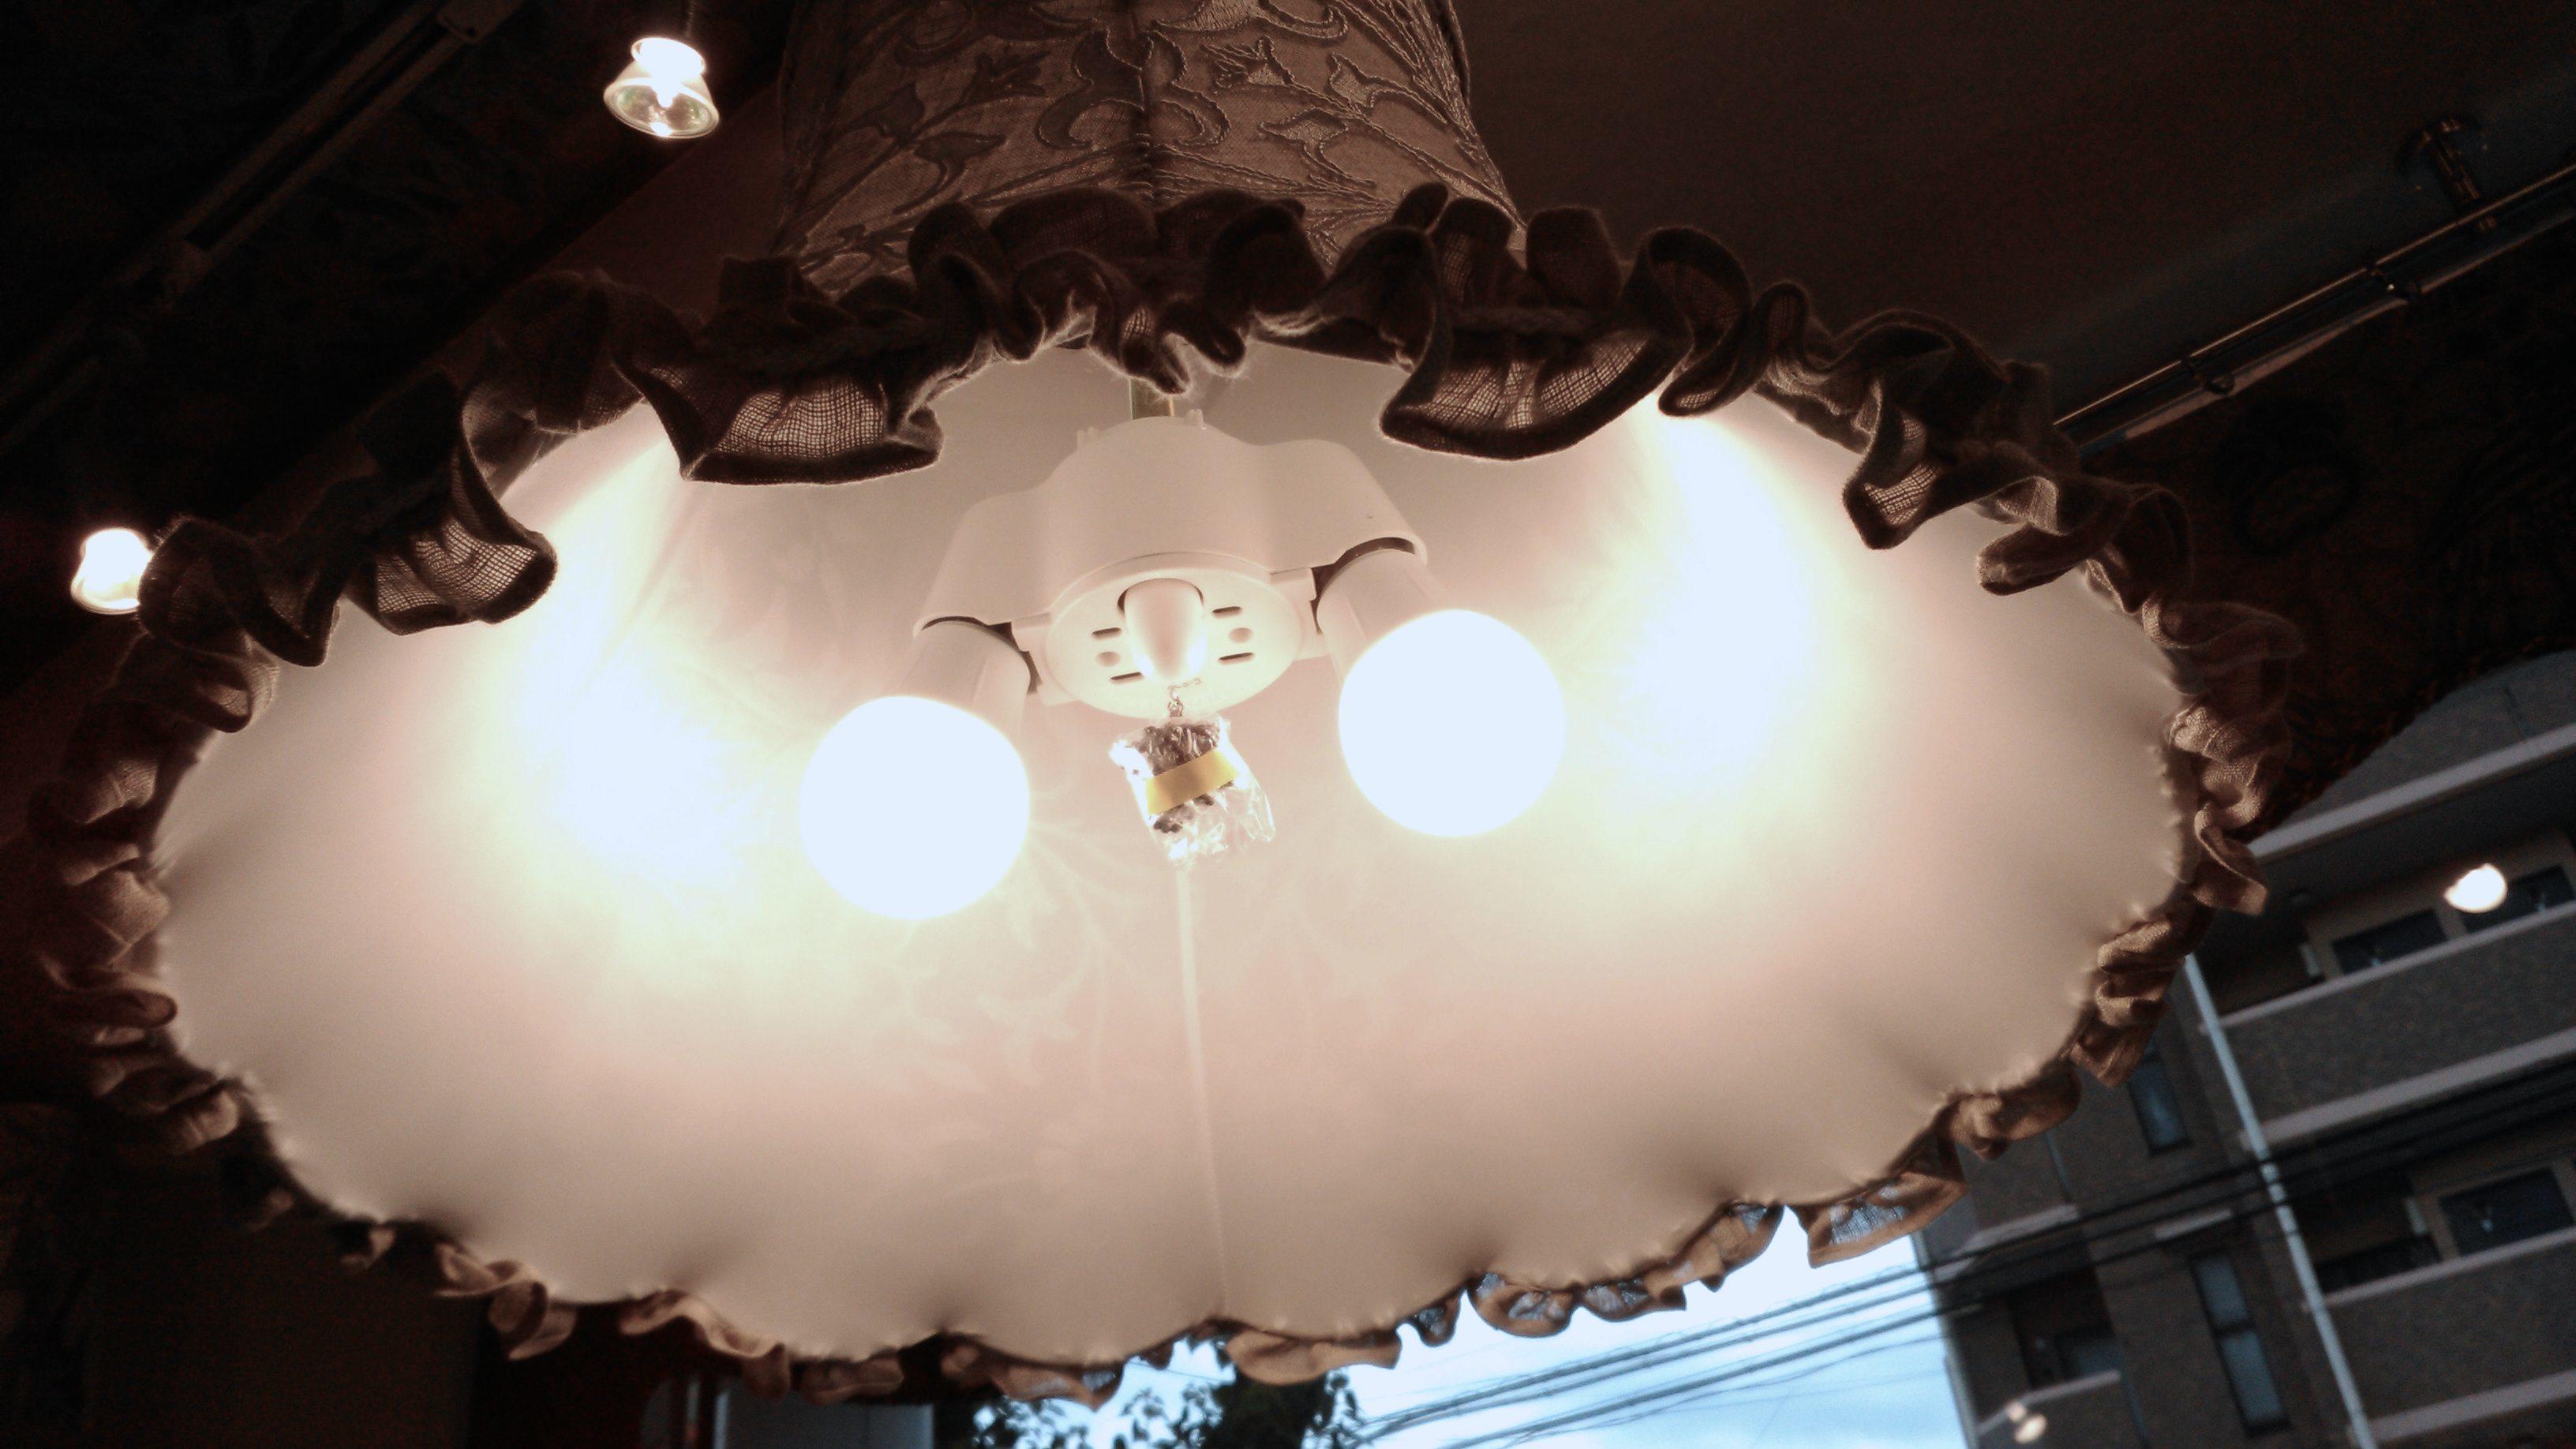 ピュアモリス ペンダントライト モリス正規販売店のブライト_c0157866_20175957.jpg